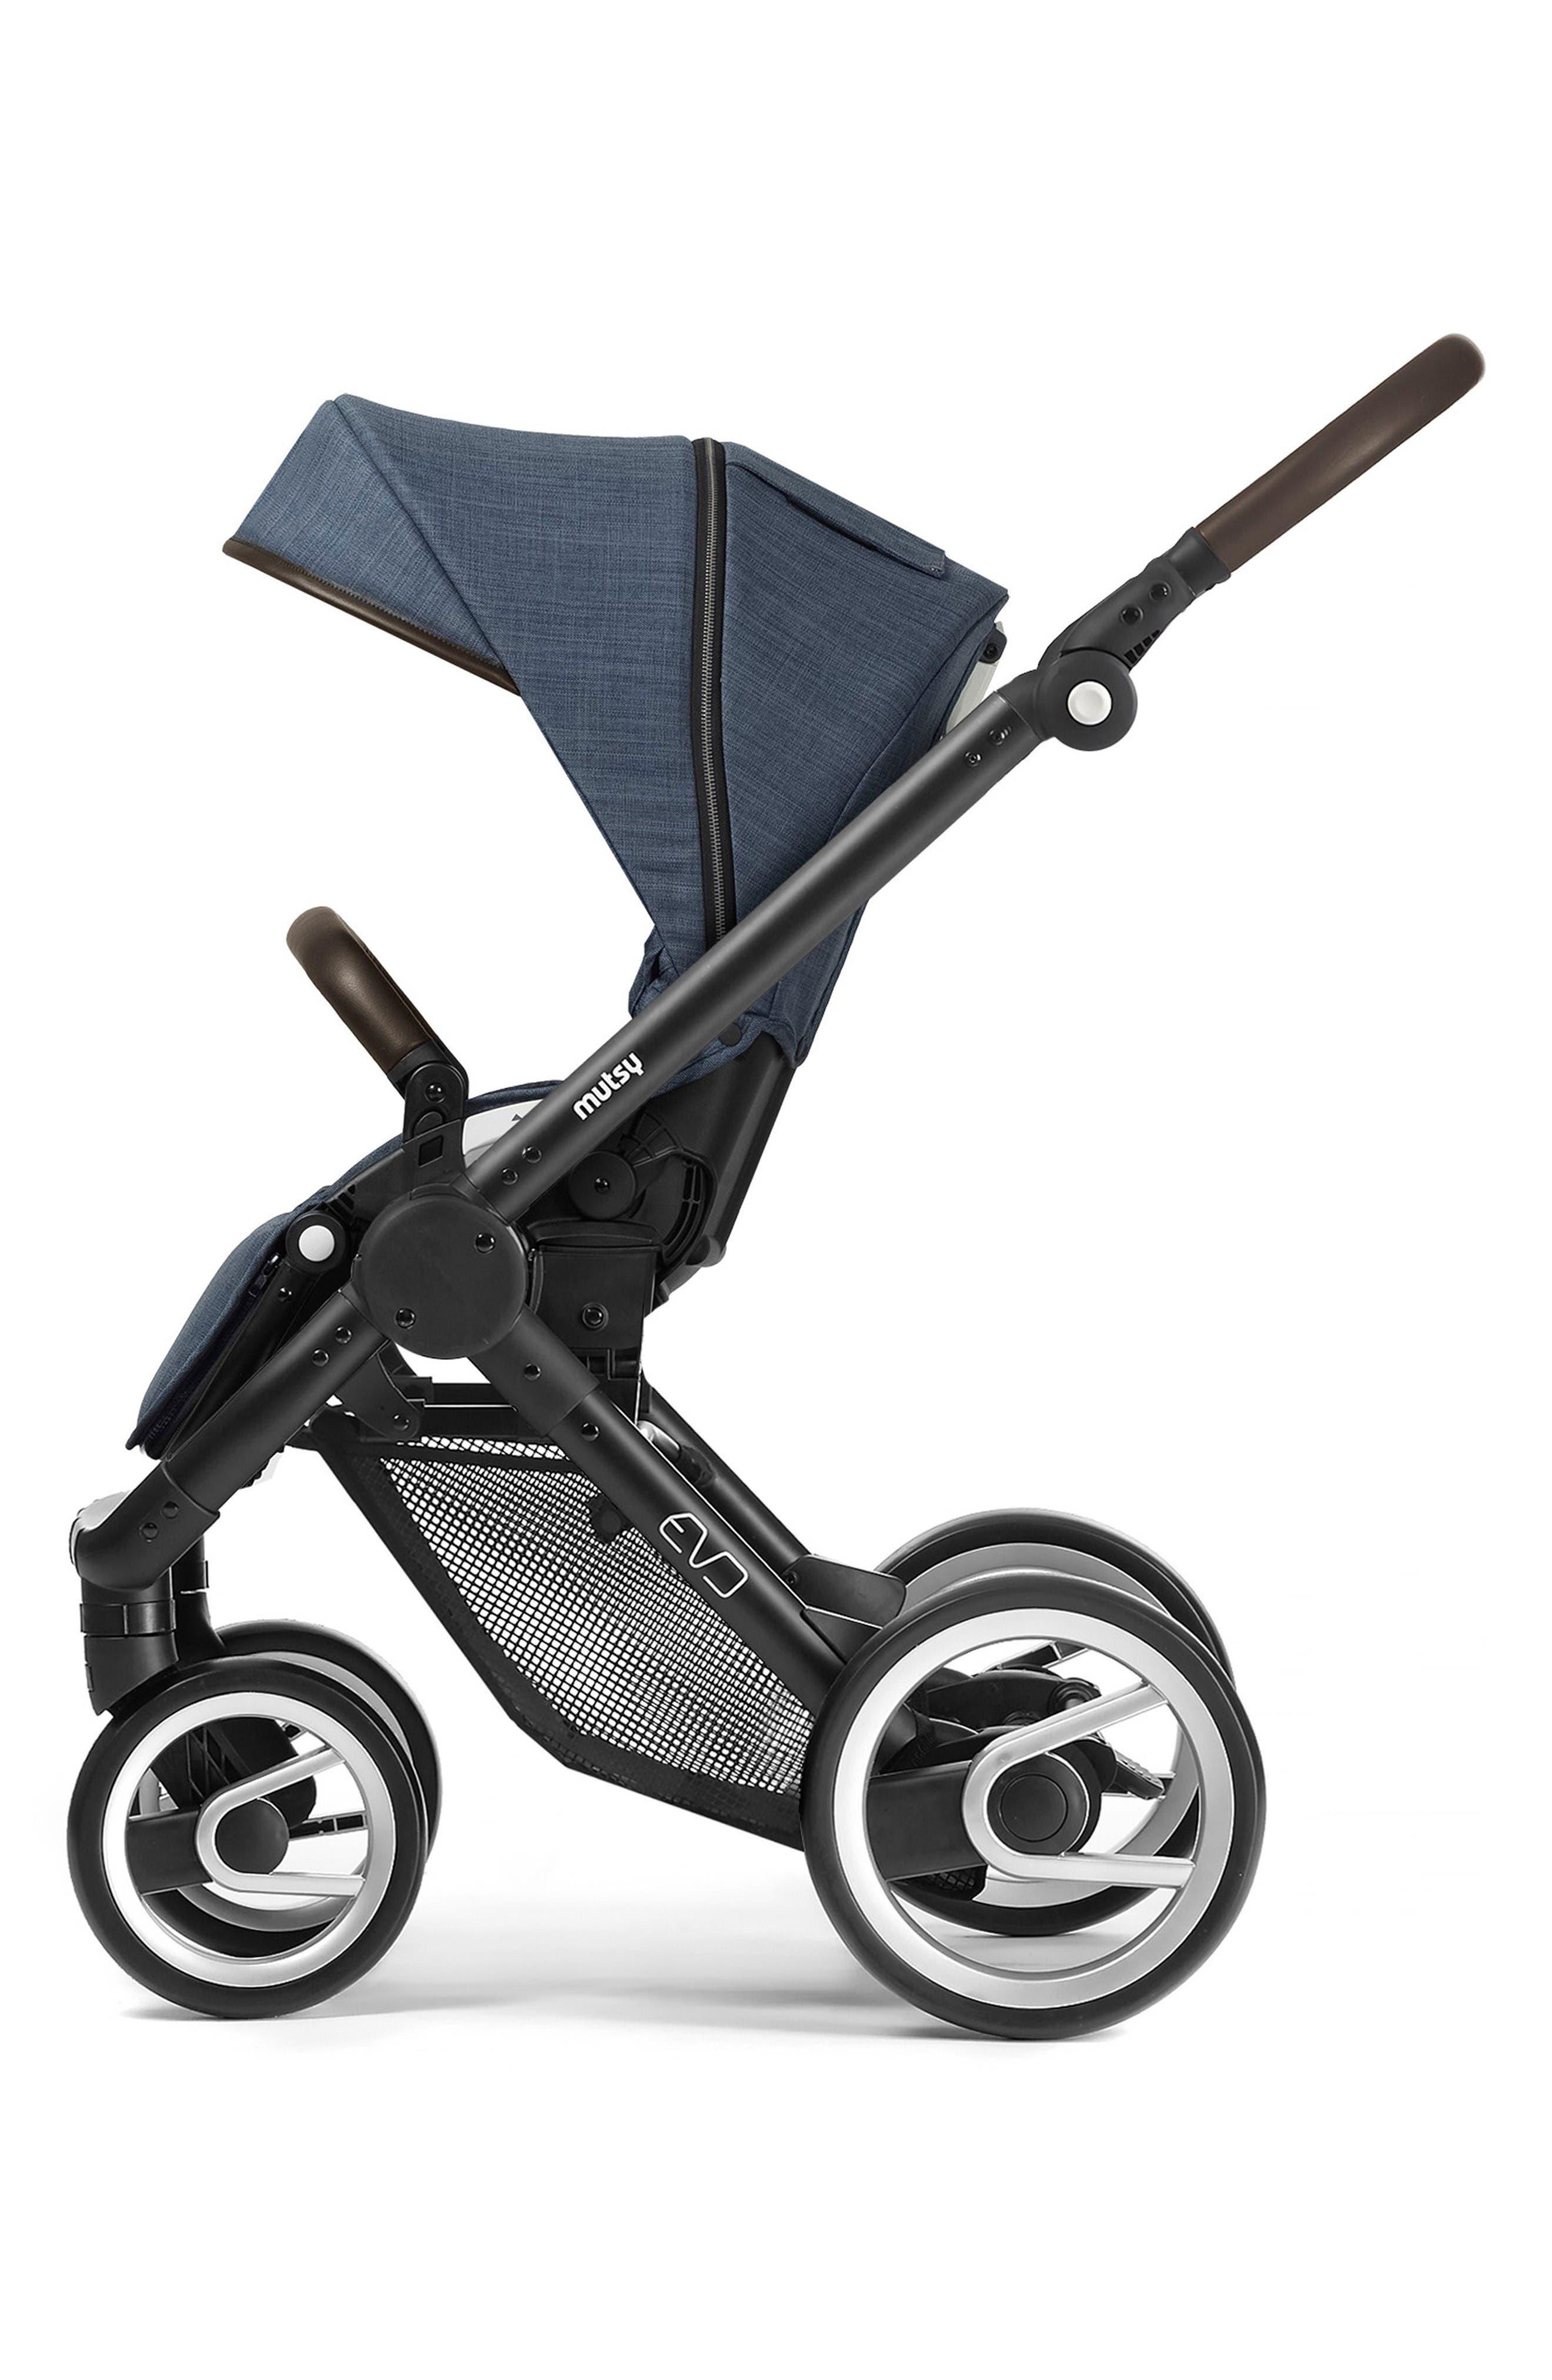 Evo - Farmer Earth Stroller,                             Alternate thumbnail 2, color,                             Black/ Blue